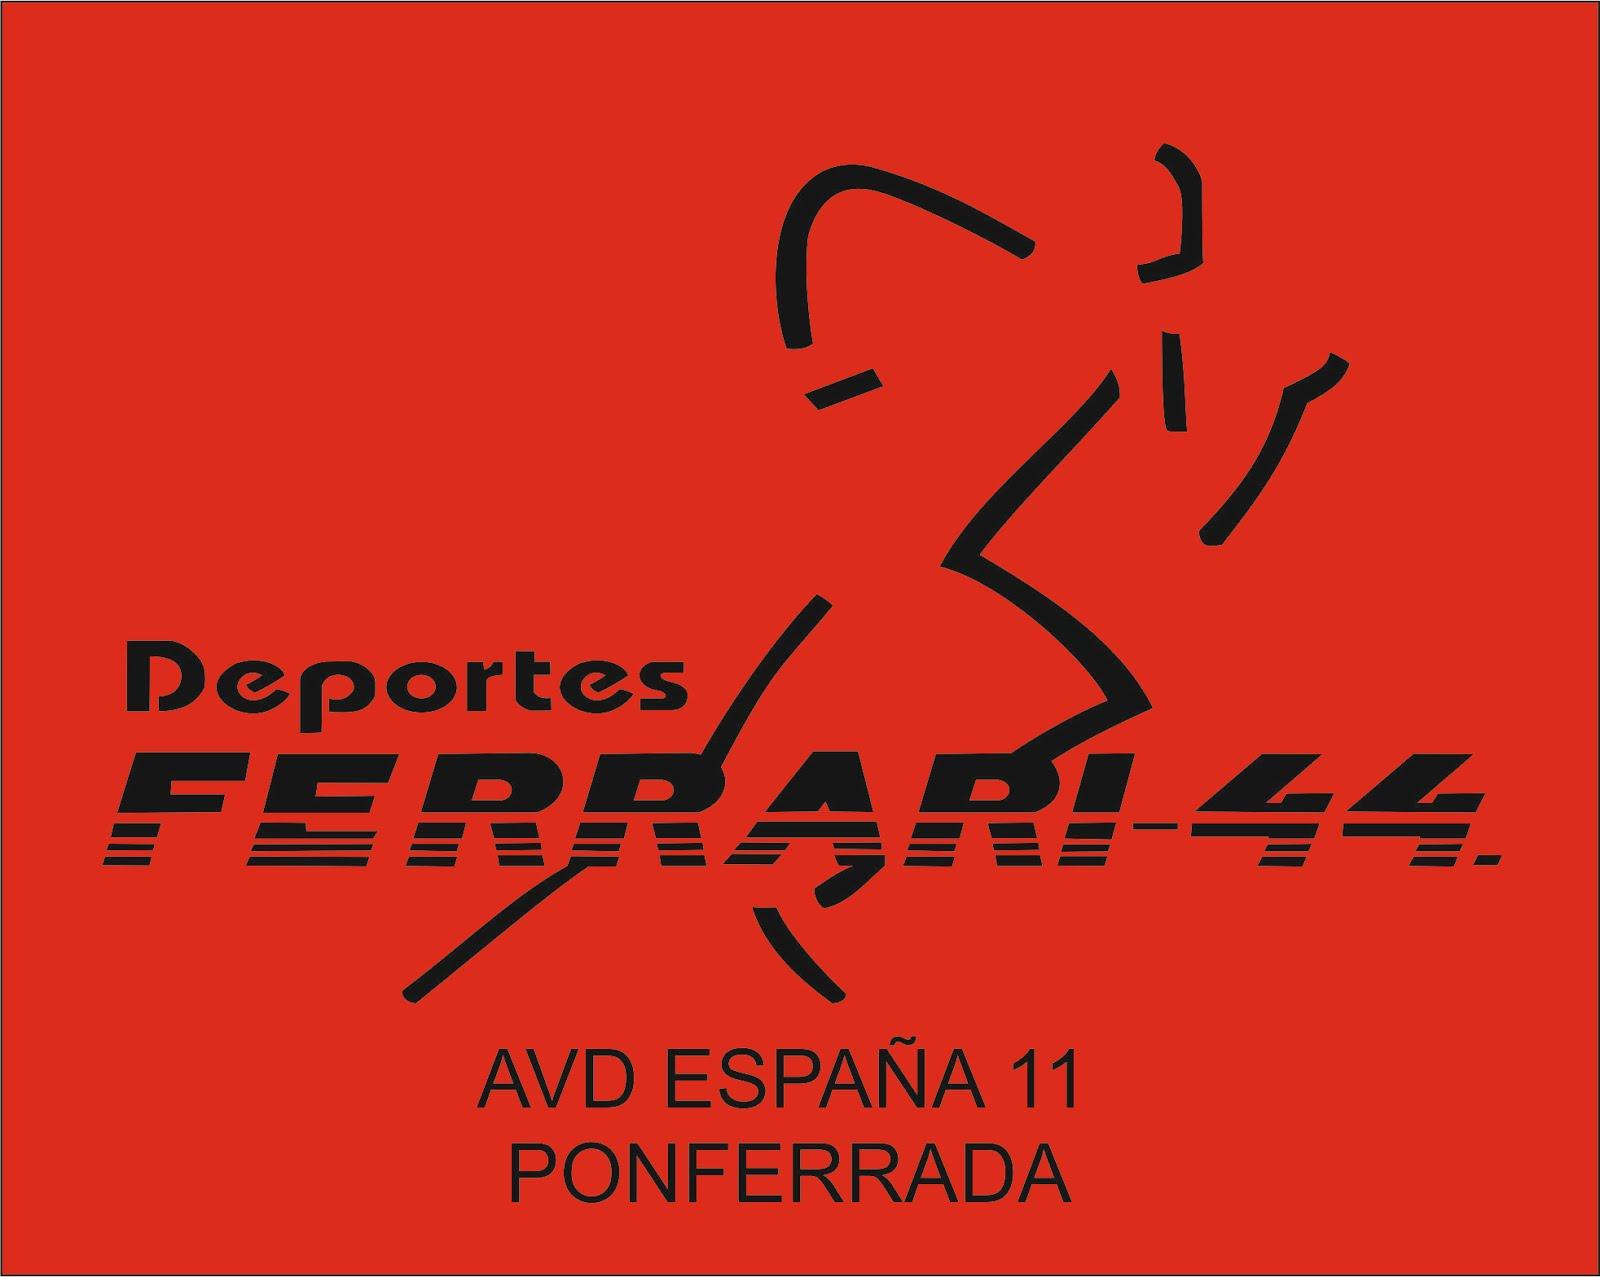 Deportes Ferrari 44